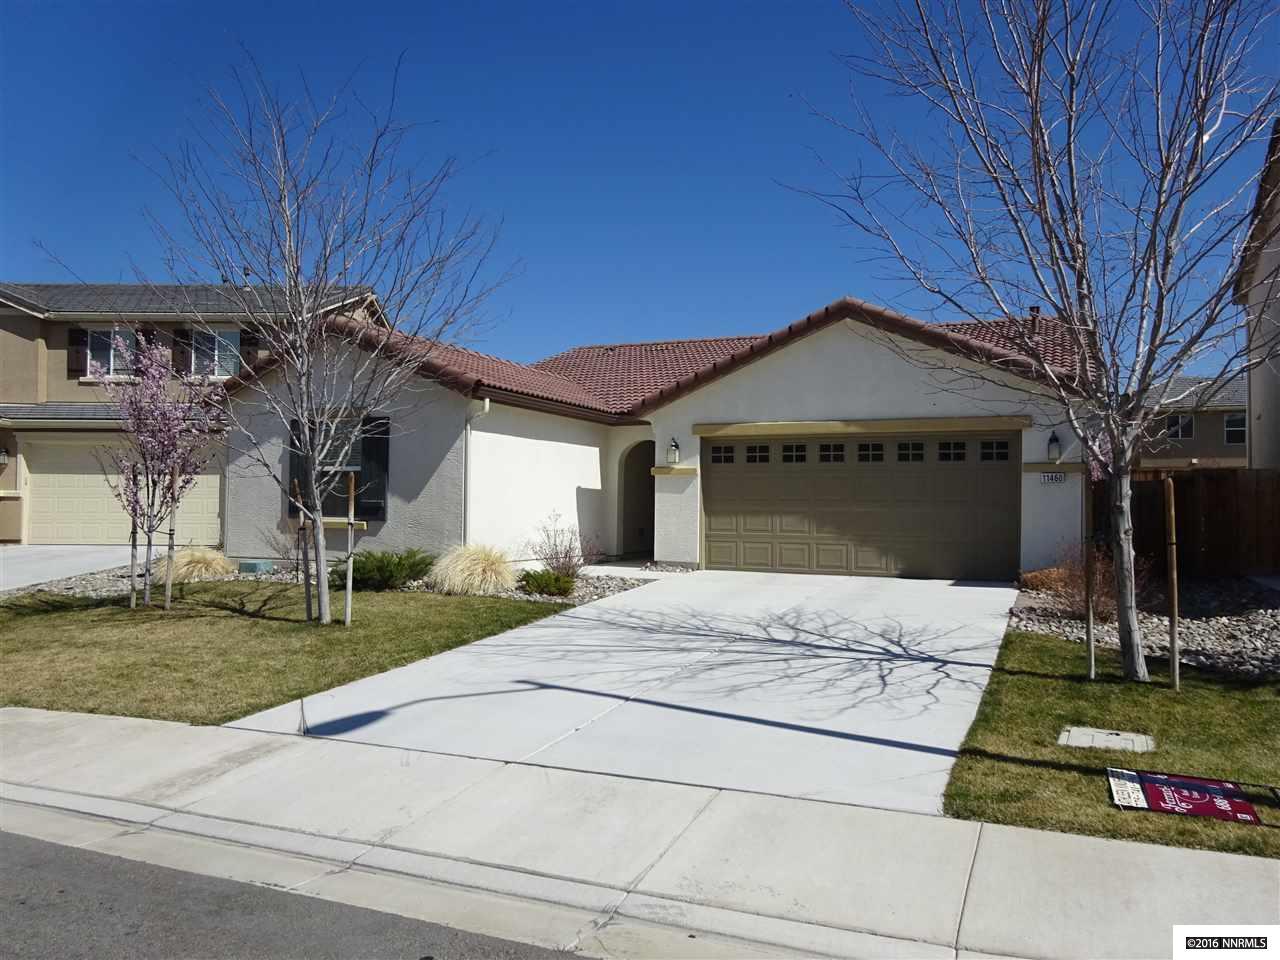 11460 Rivolli Ct, Reno, NV